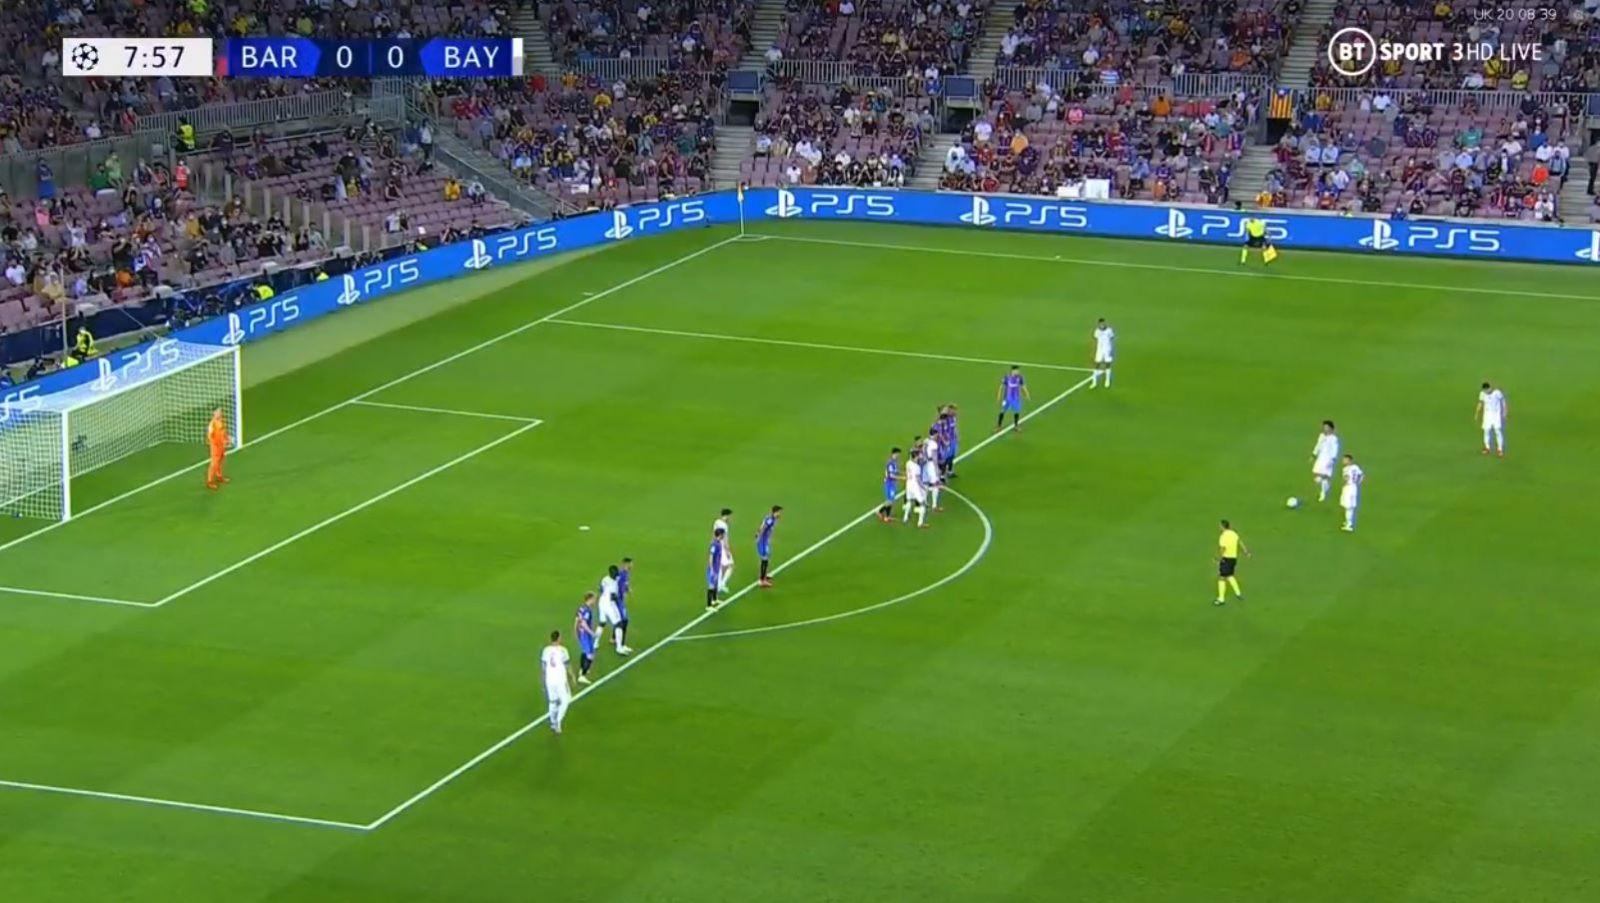 Barcelona 0-3 Bayern Munich 2021.09.14 (20h00) Watch Full Goals Highlight Extended (15 Minutes)